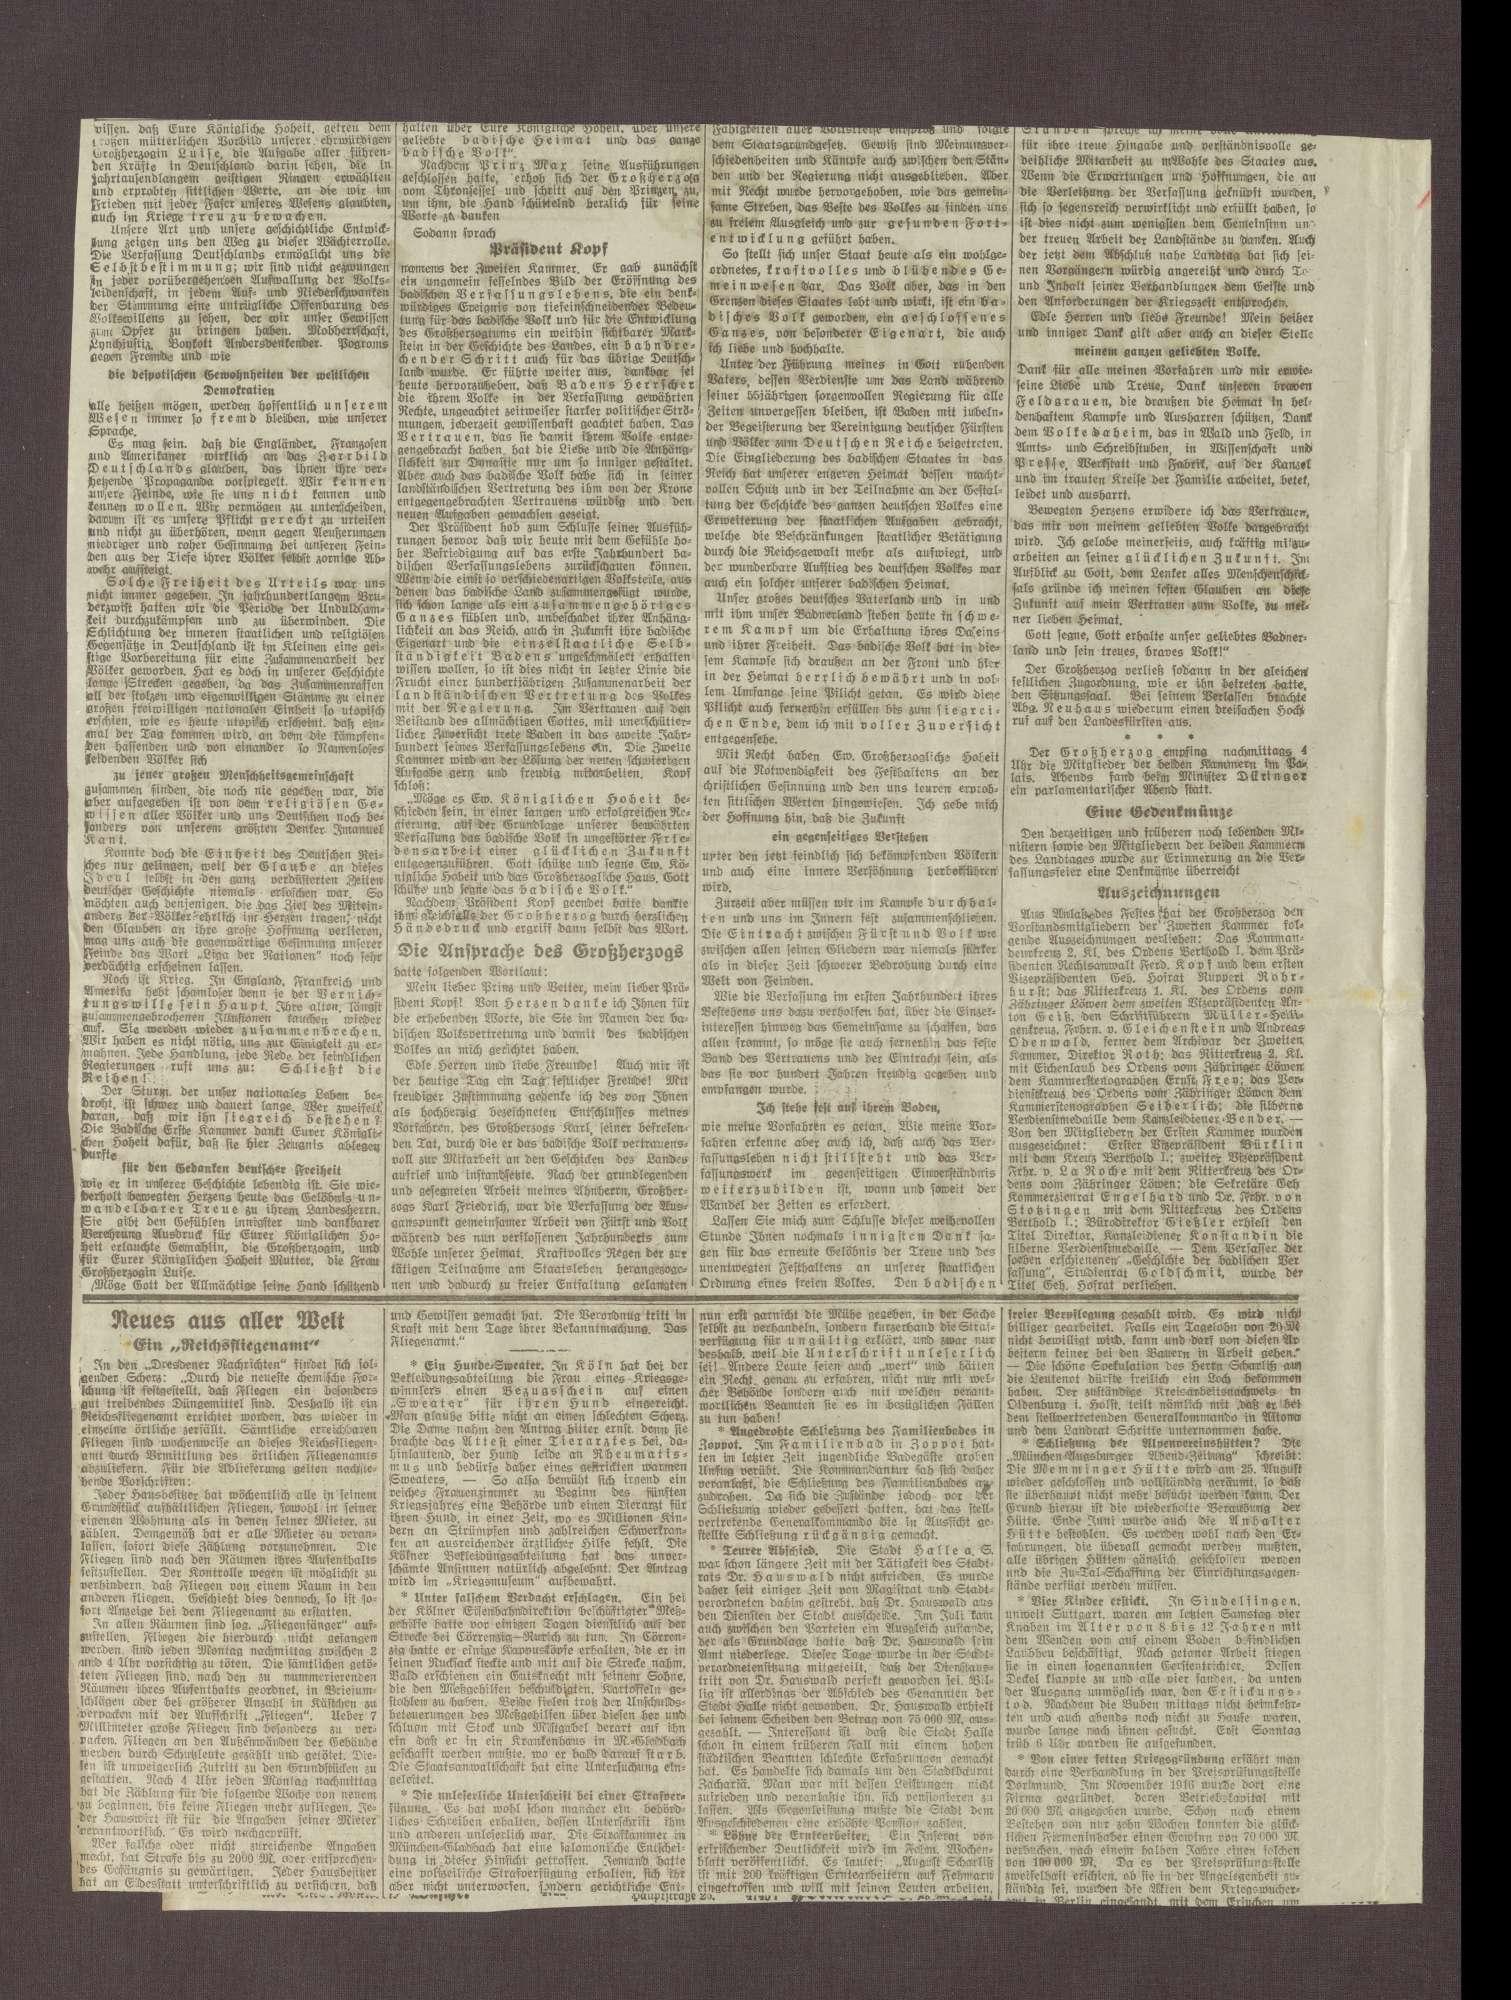 """Artikel in der Heidelberger Zeitung: """"Gegenhiebe"""", Bild 2"""